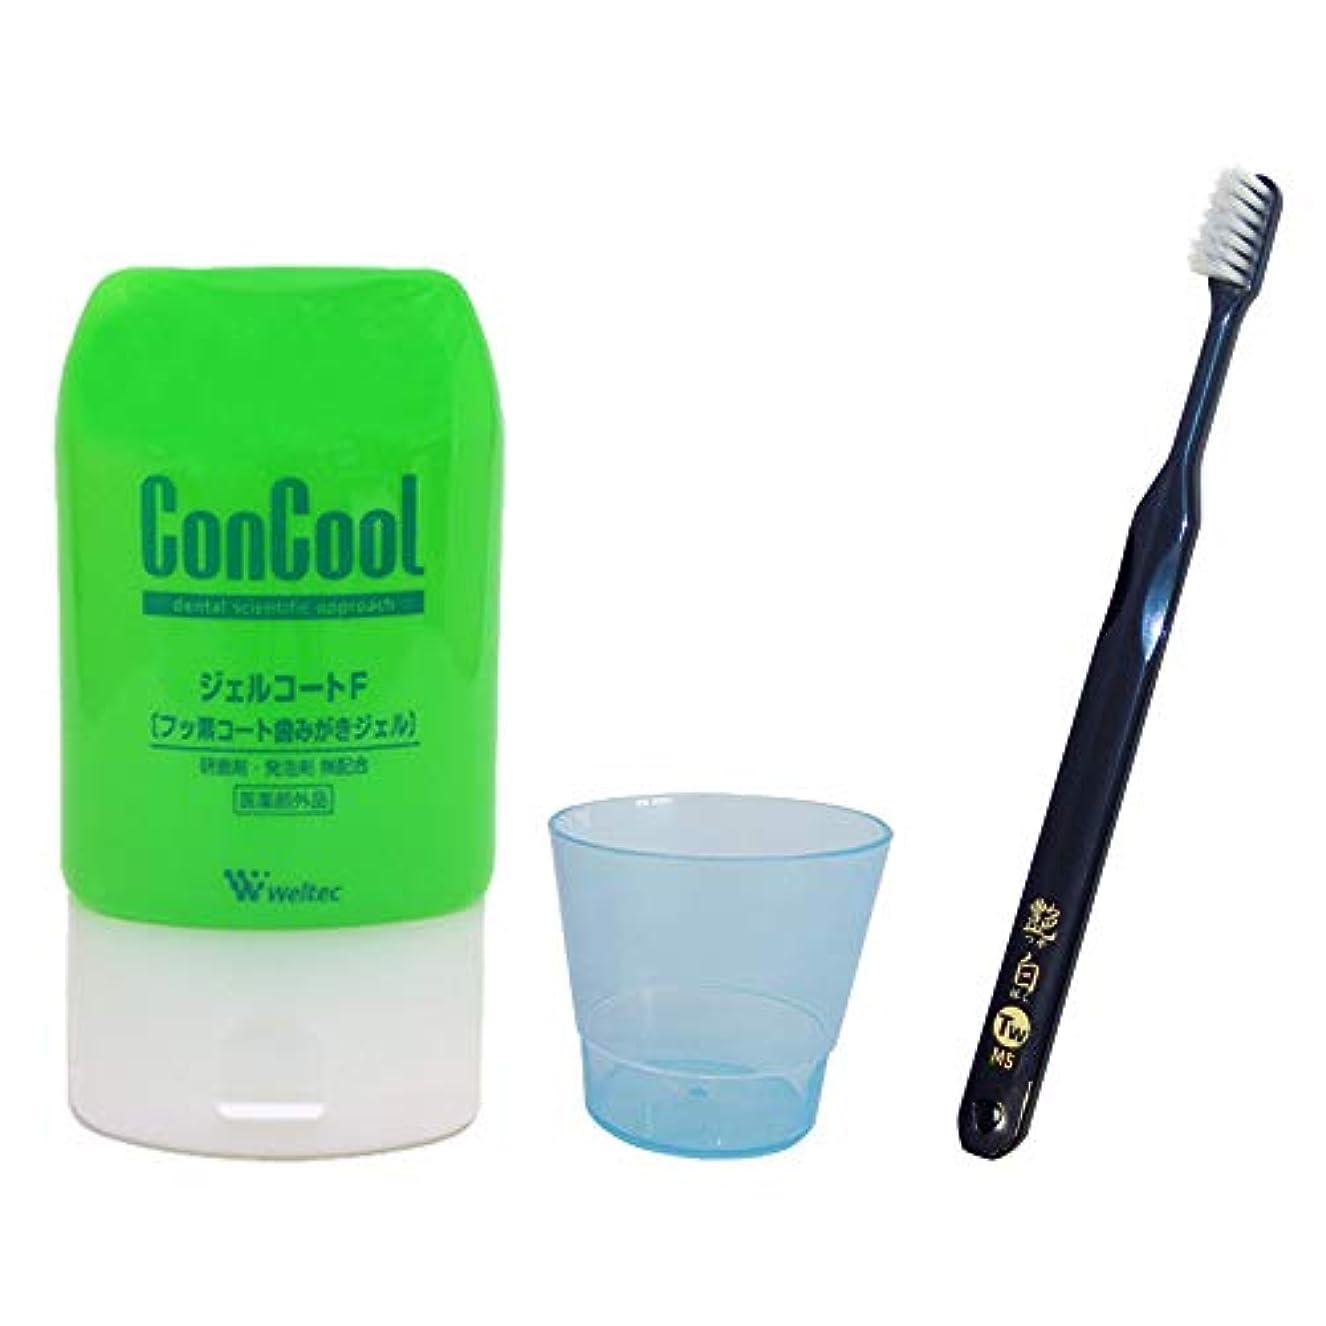 誰も有毒メタンコンクール ジェルコートF ×1個 + ライオン オリジナル コップ ×1個 + 艶白(つやはく) 二段植毛 歯ブラシ(日本製) × 1本 歯科専売品